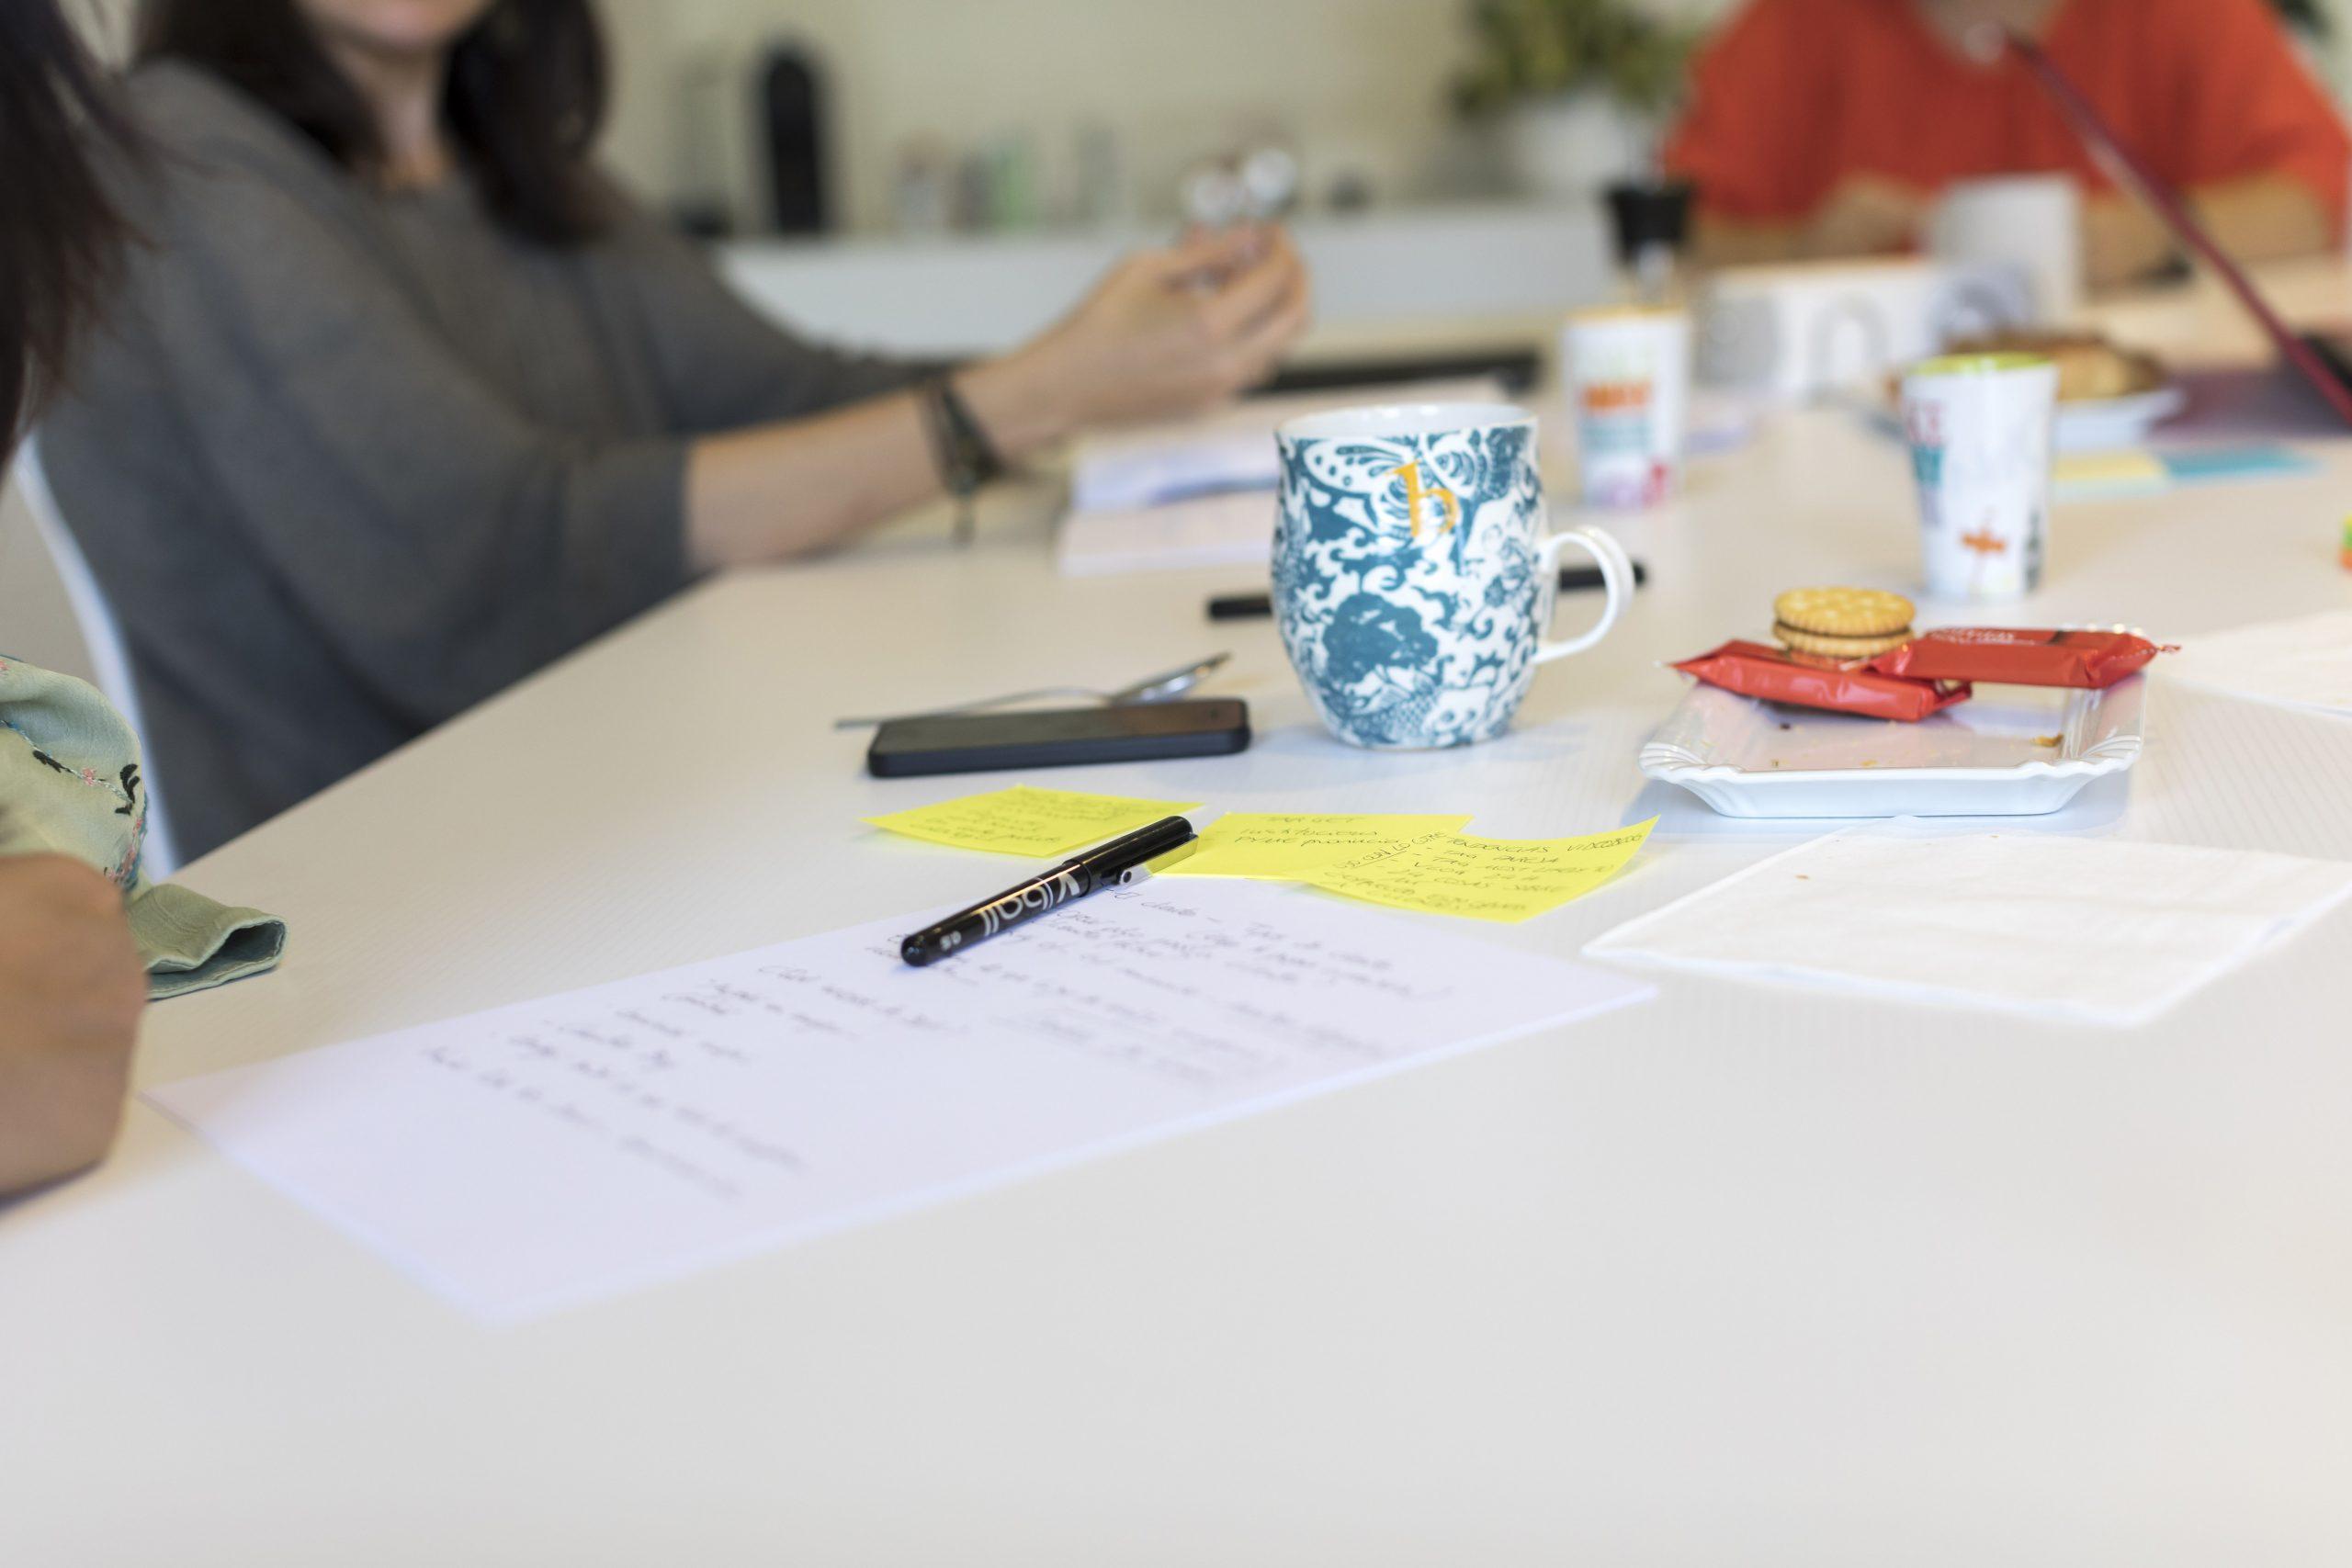 Mesa con papeles